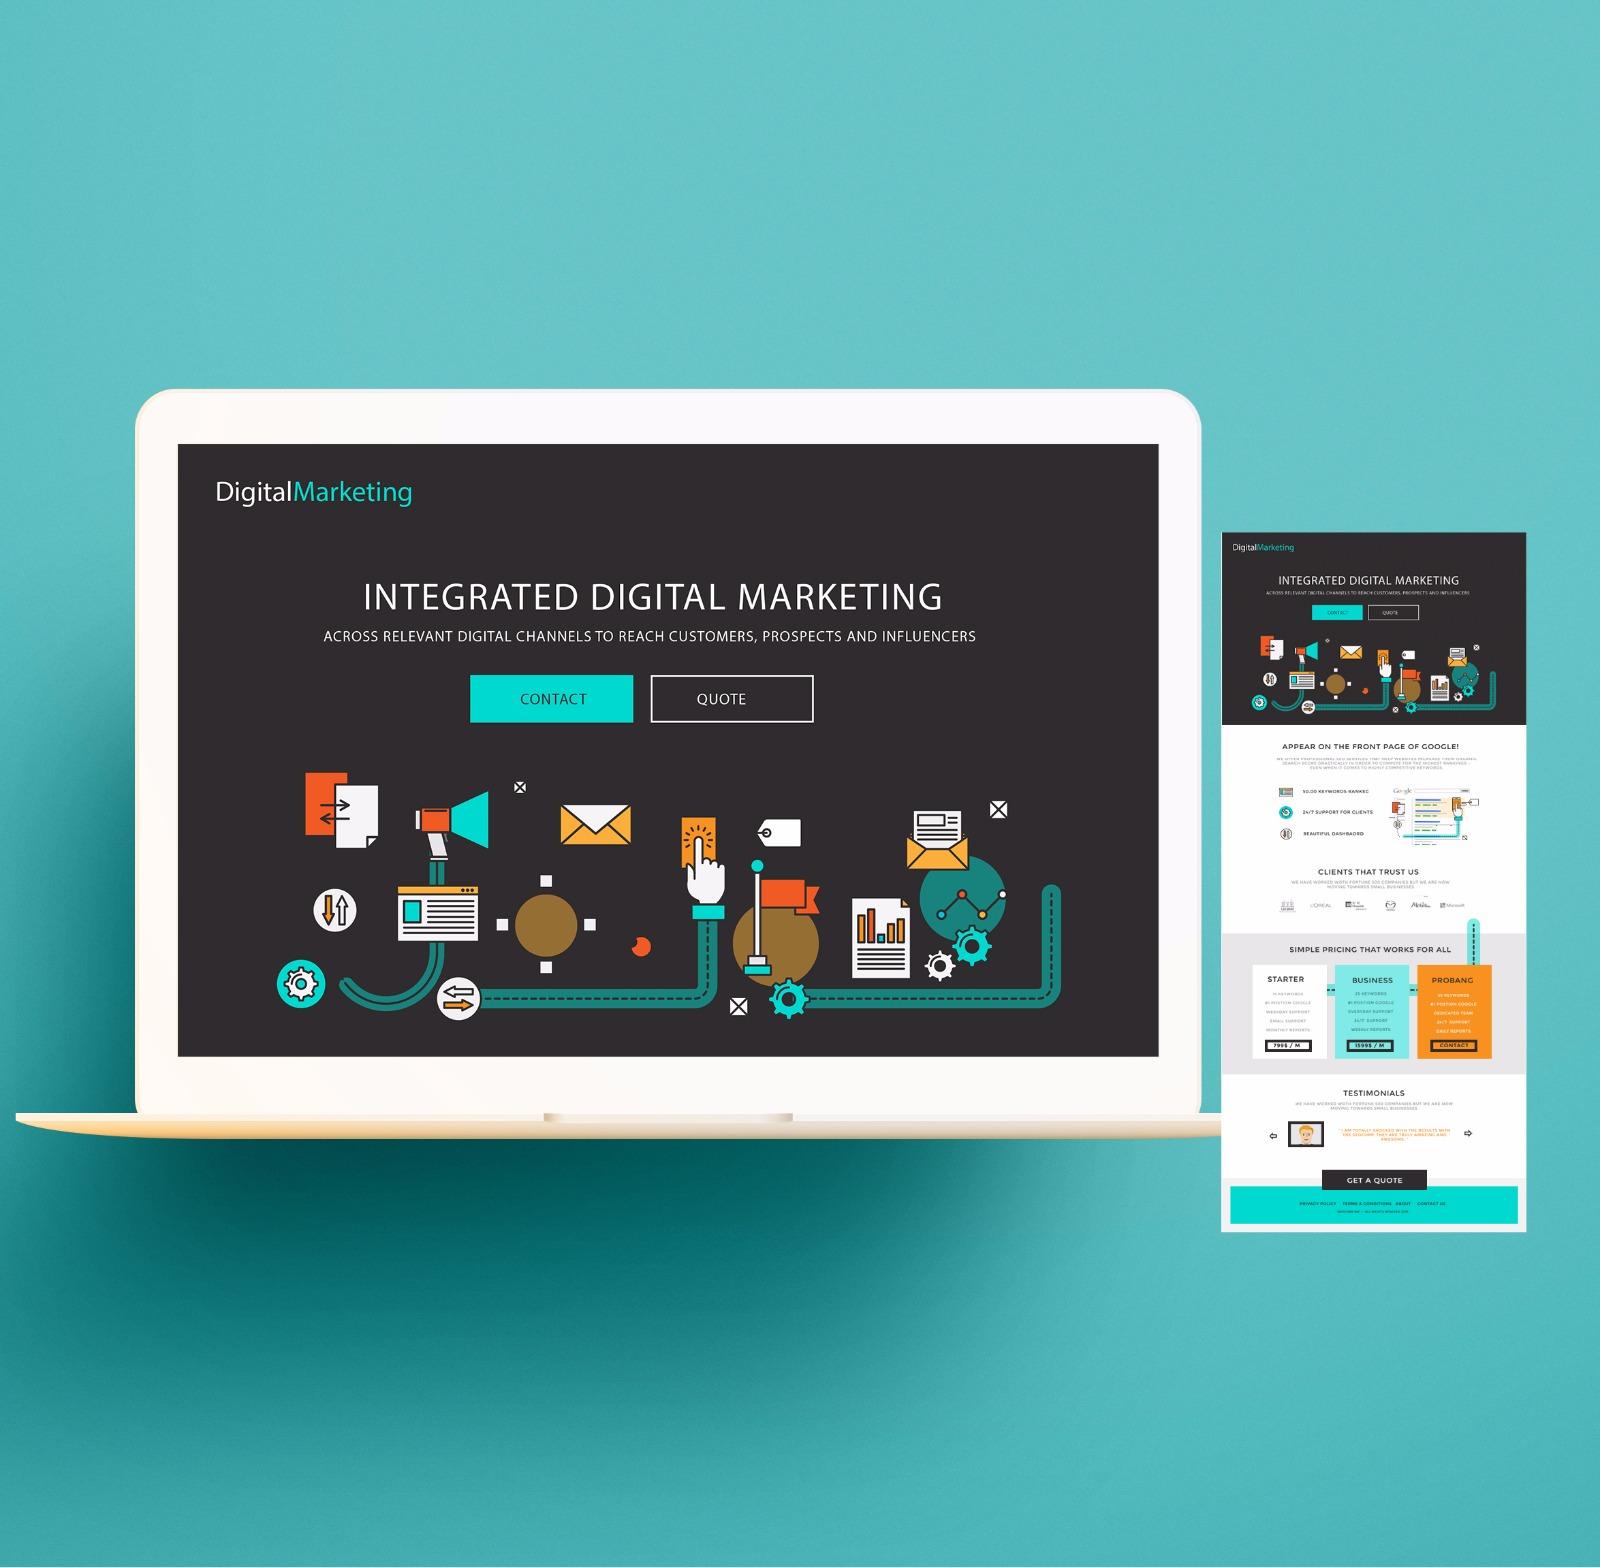 Digital marketing across all channels